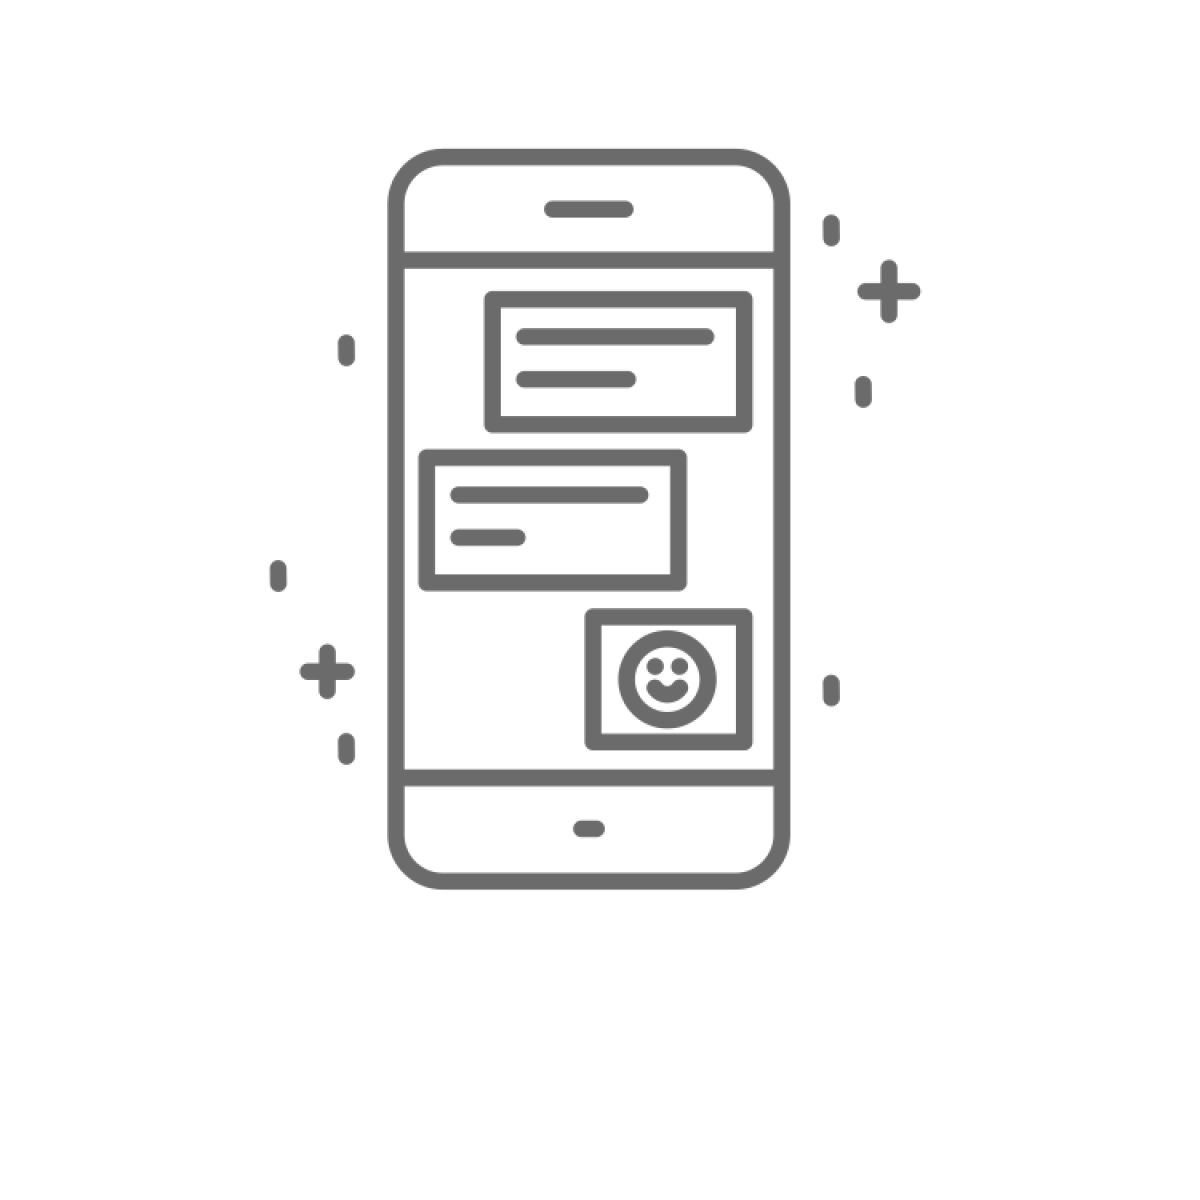 UI/UX Design -